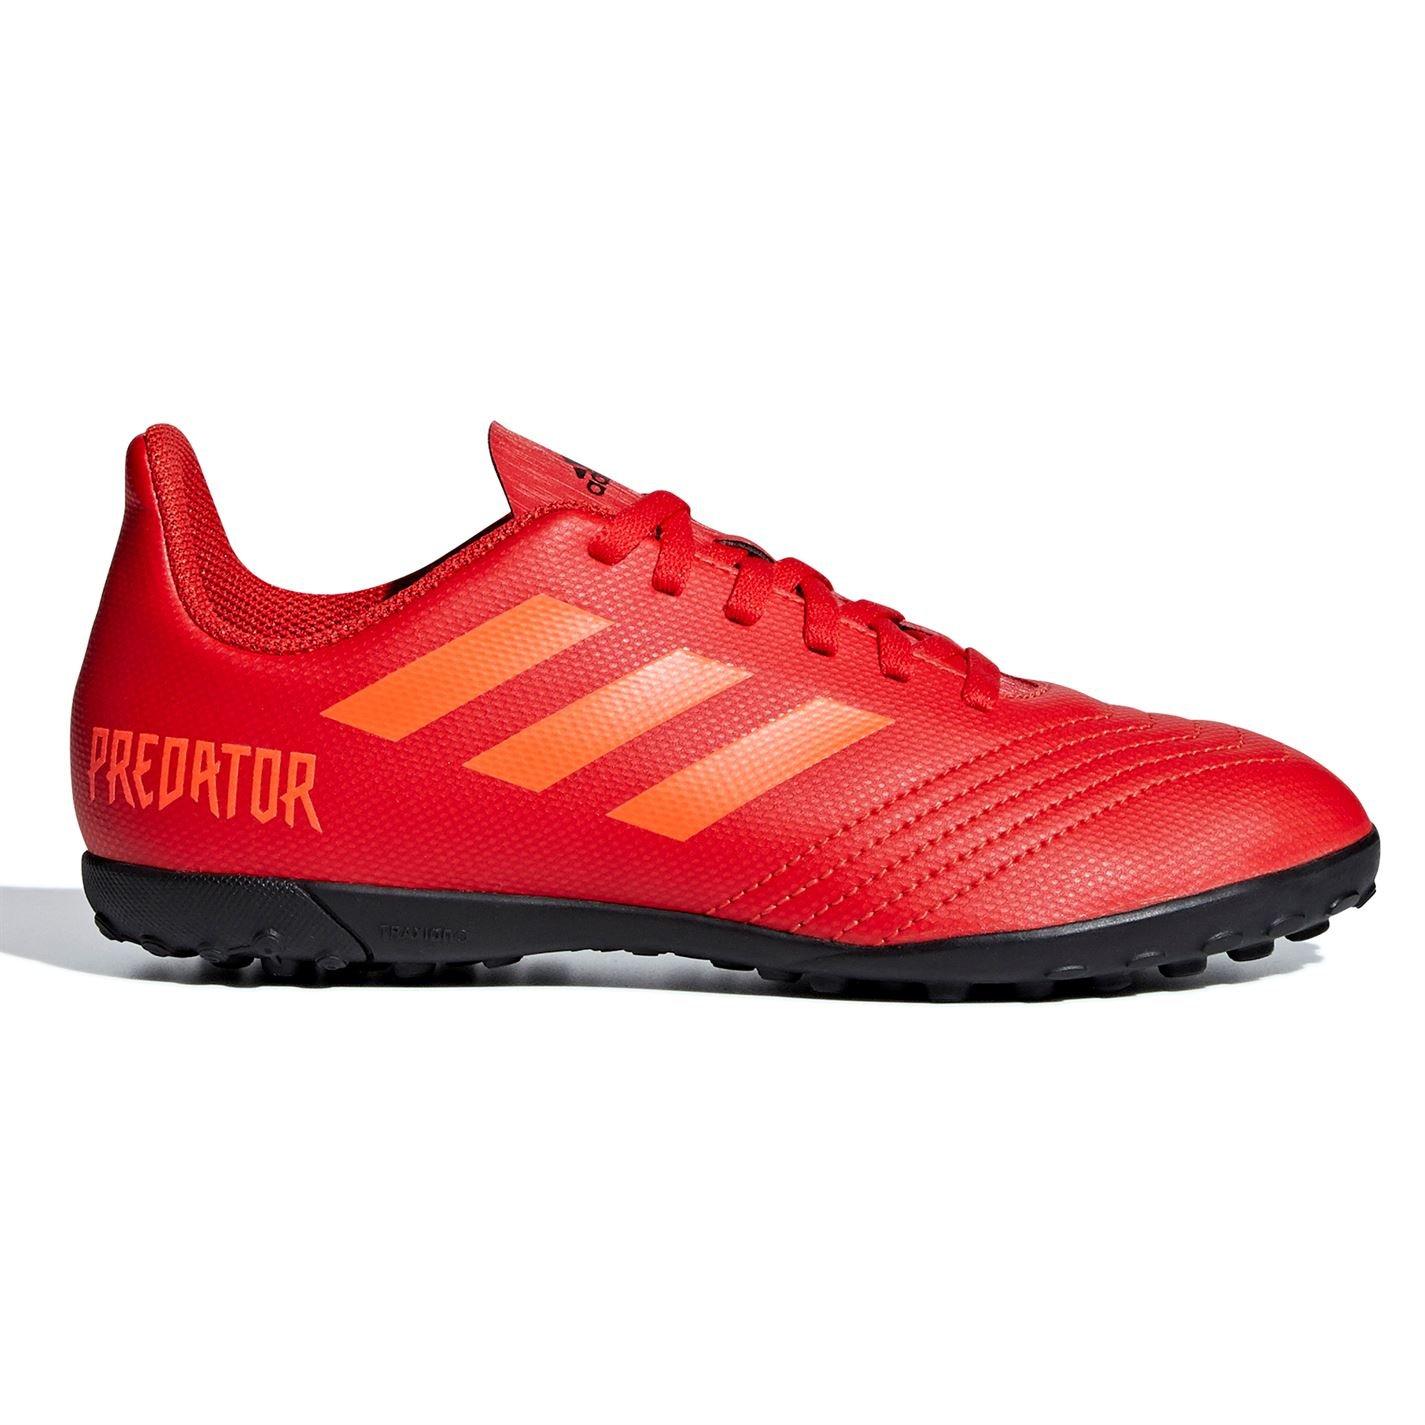 716611503 boty adidas Predator 19.4 dětské Astro Turf